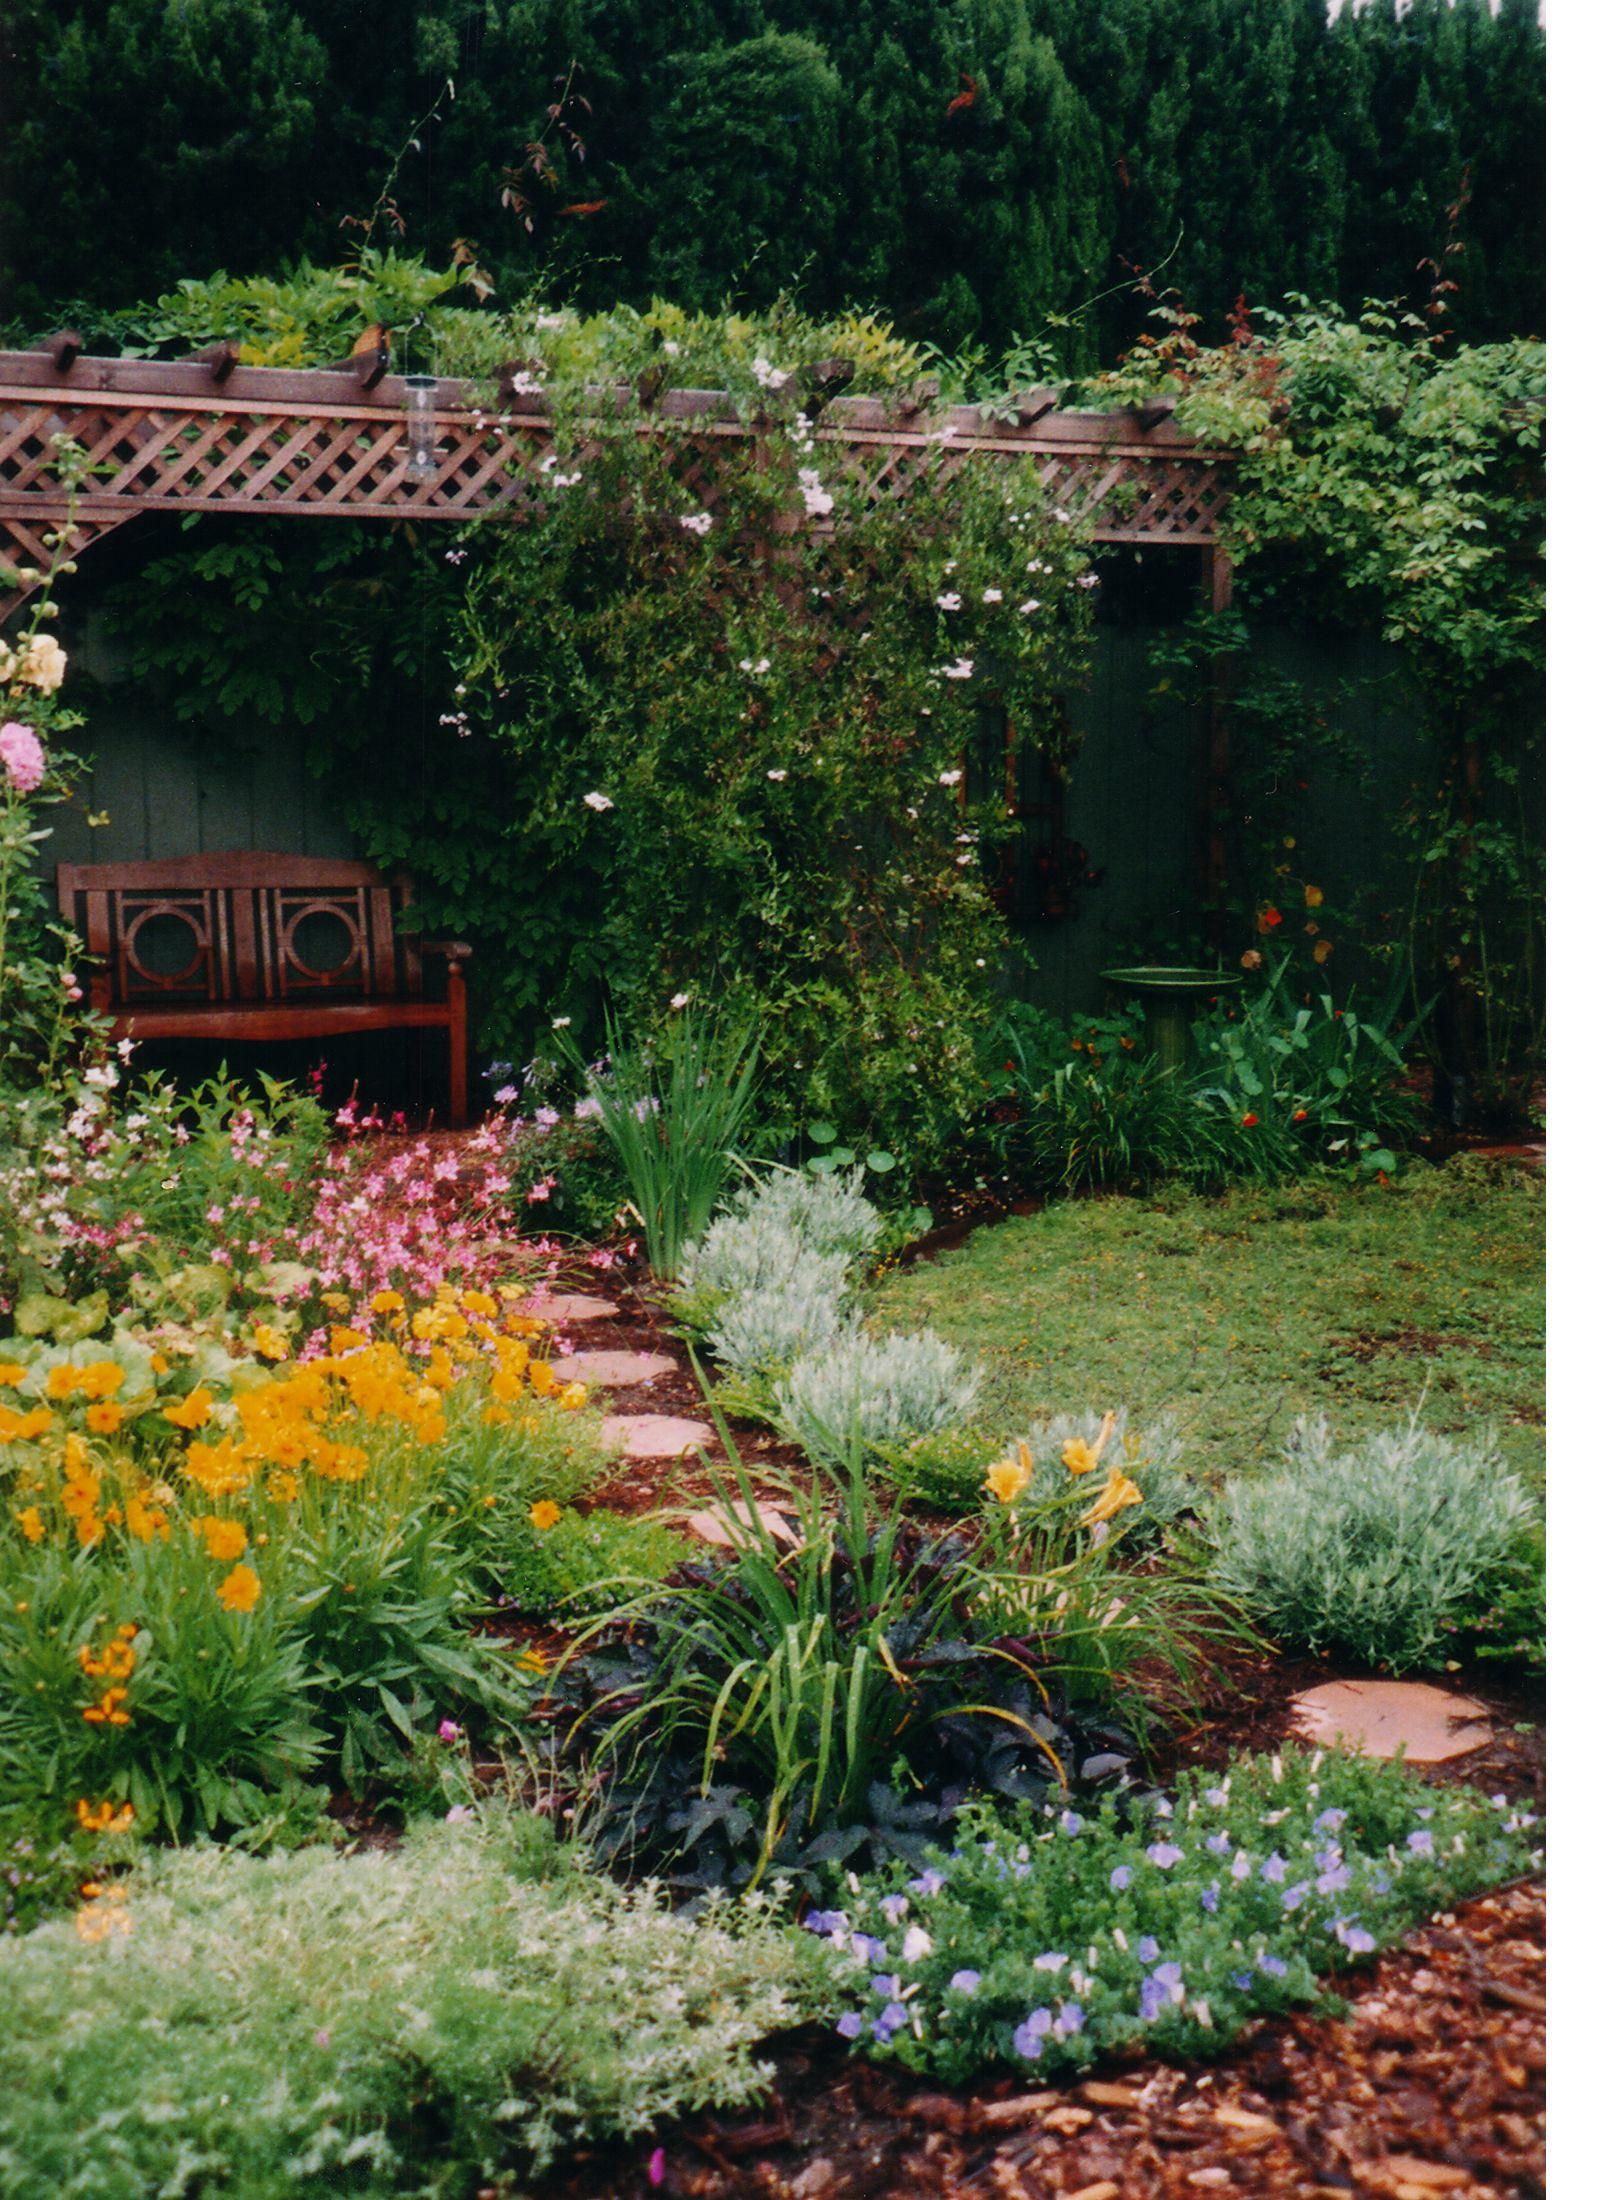 Home vegetable garden design  Backyard Design Ideas Backyard Vegetable Gardens Home Exterior